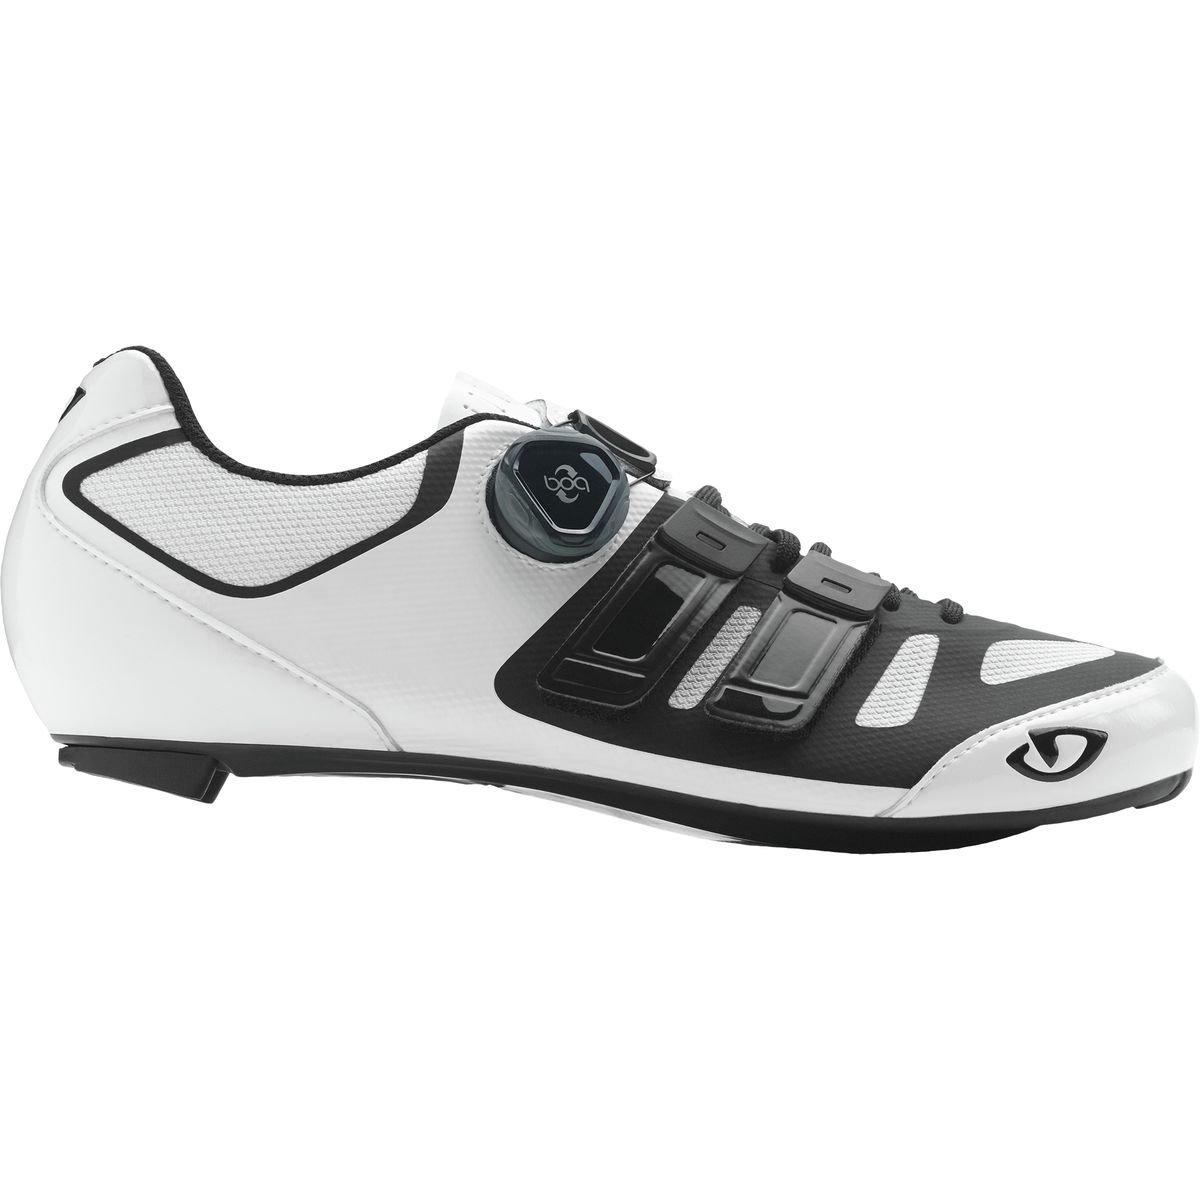 [ジロ] メンズ サイクリング Sentrie Techlace Cycling Shoe [並行輸入品] 42  B07FNFKLR8